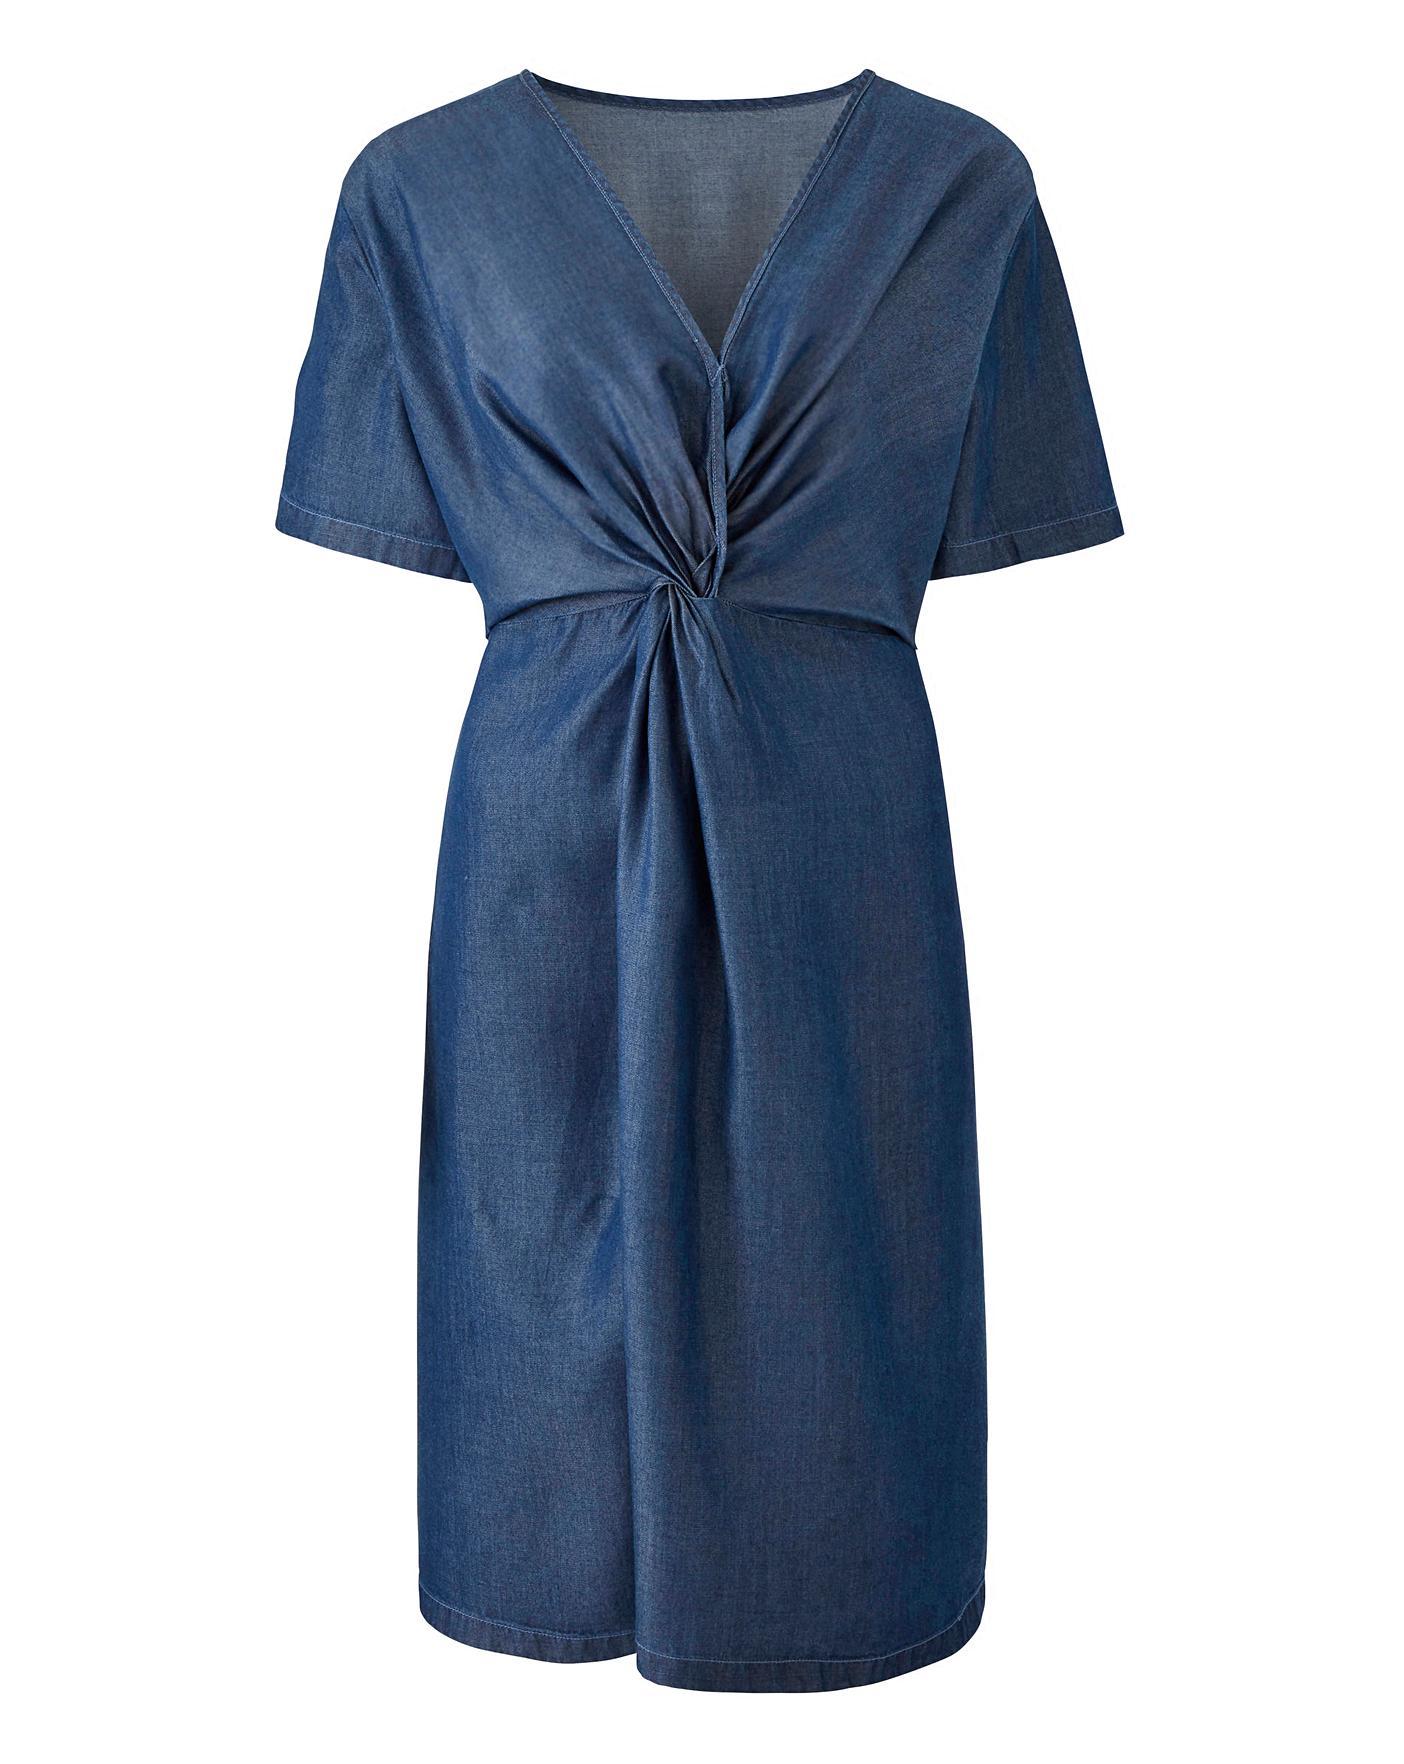 8f9b4b70fb668 Soft Tencel Denim Twist Knot Front Dress | Simply Be